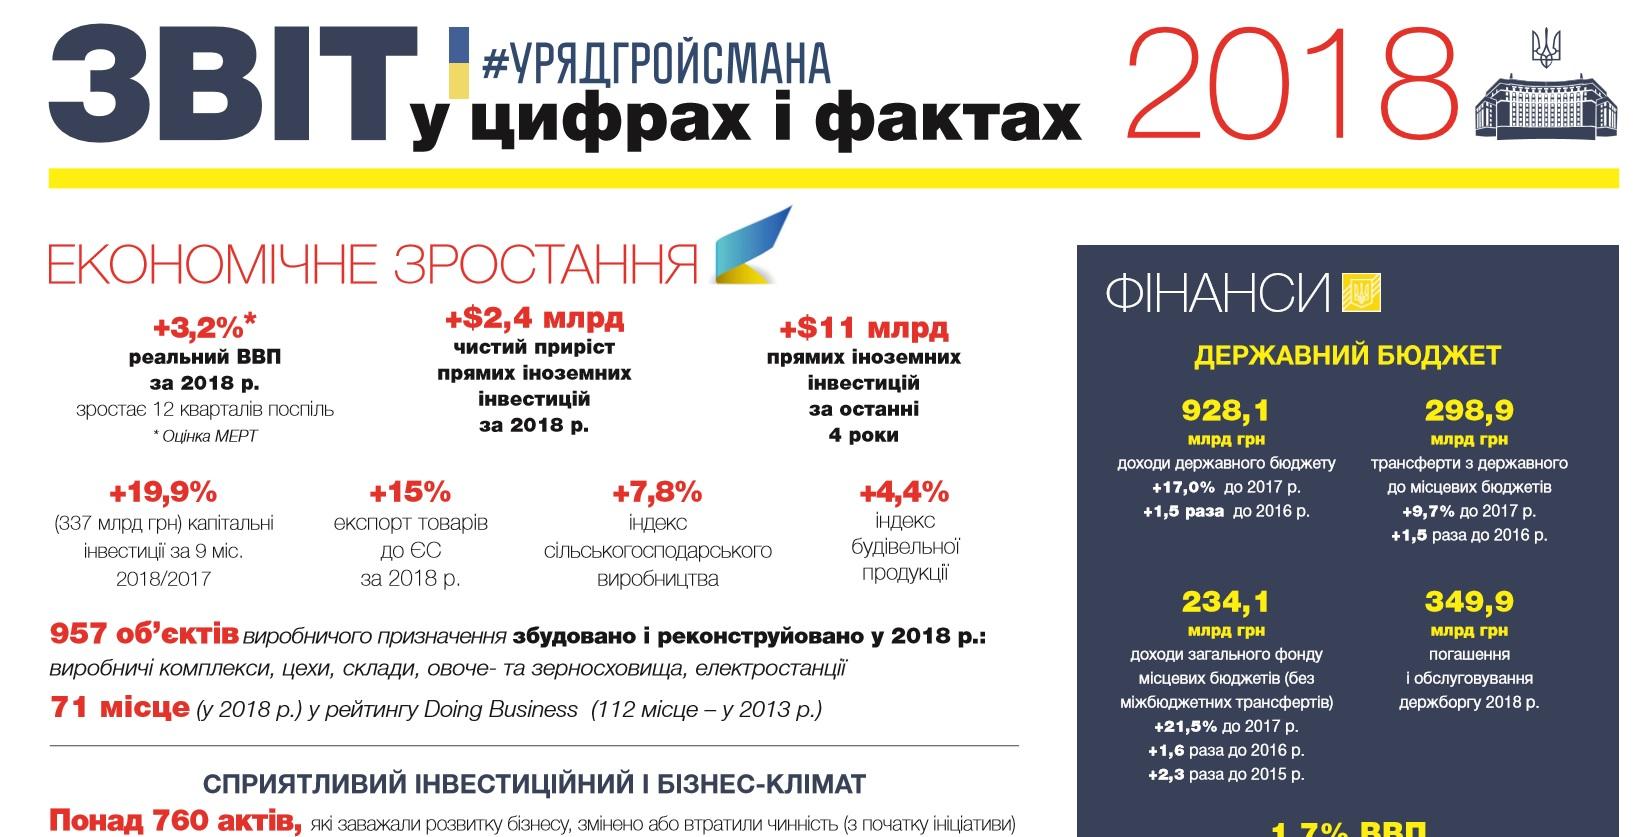 Звіт Уряду Володимира Гройсмана за 2018 рік у цифрах і фактах